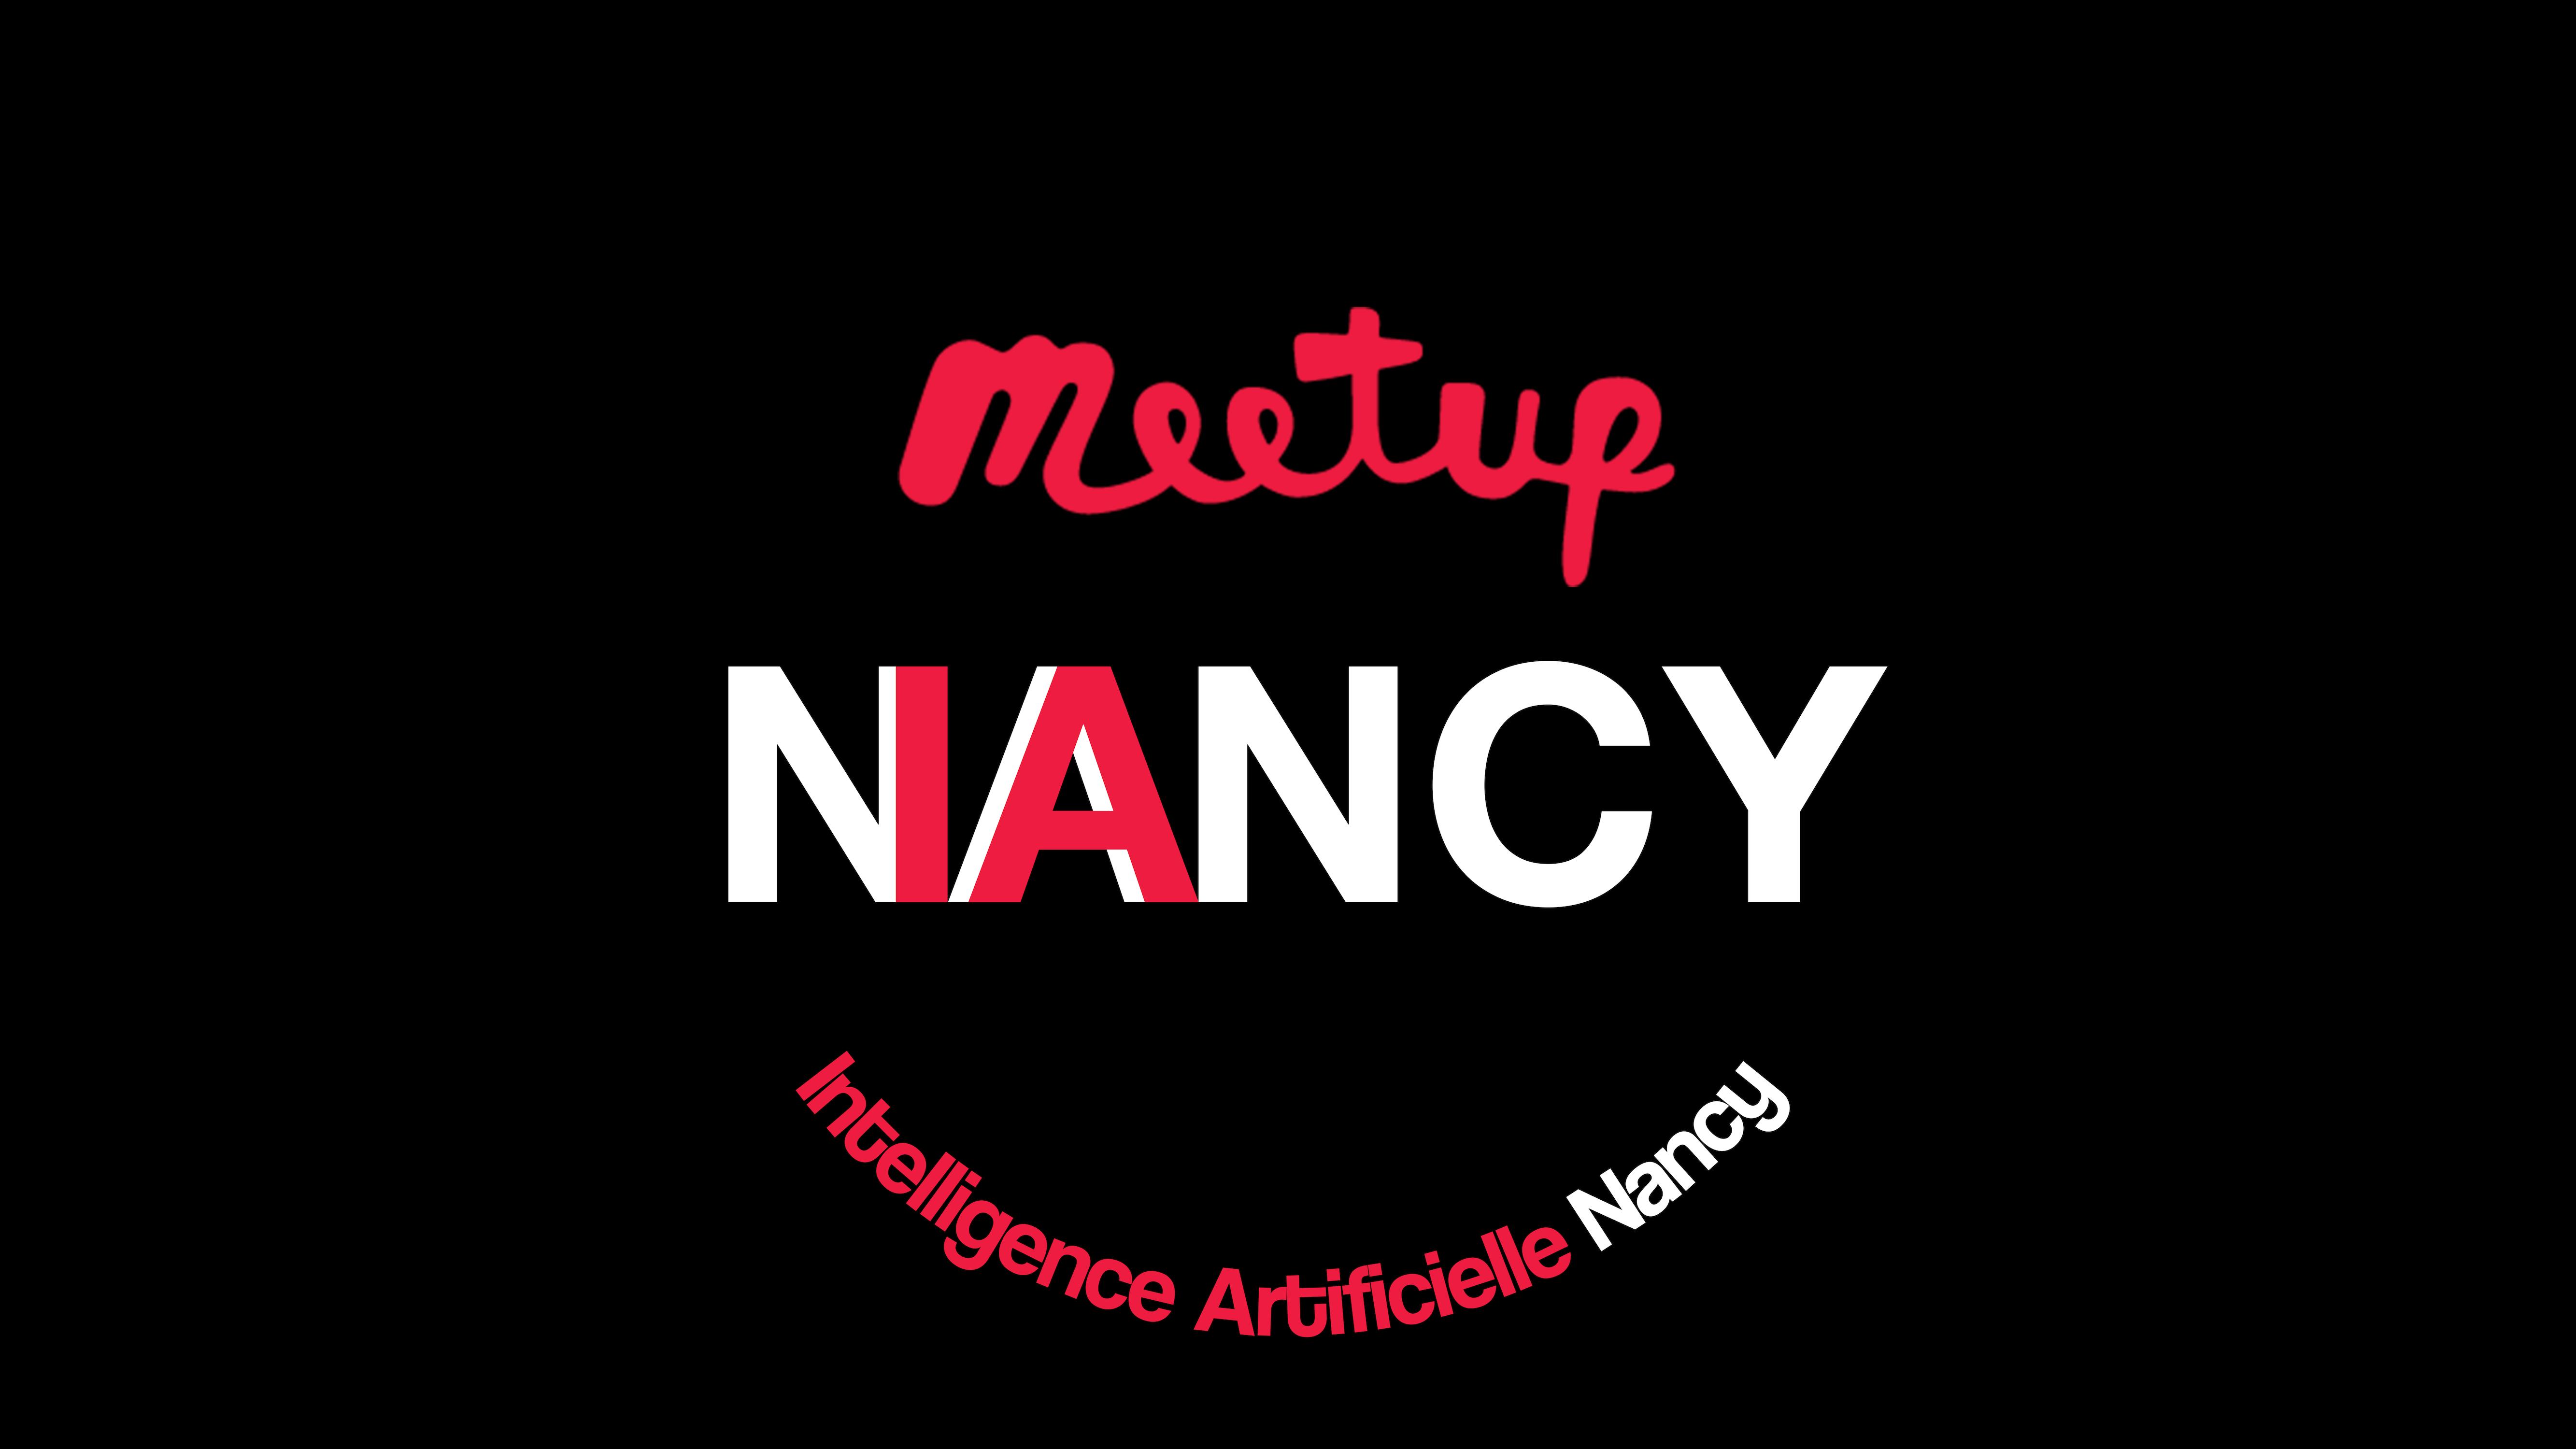 Intelligence Artificielle Nancy